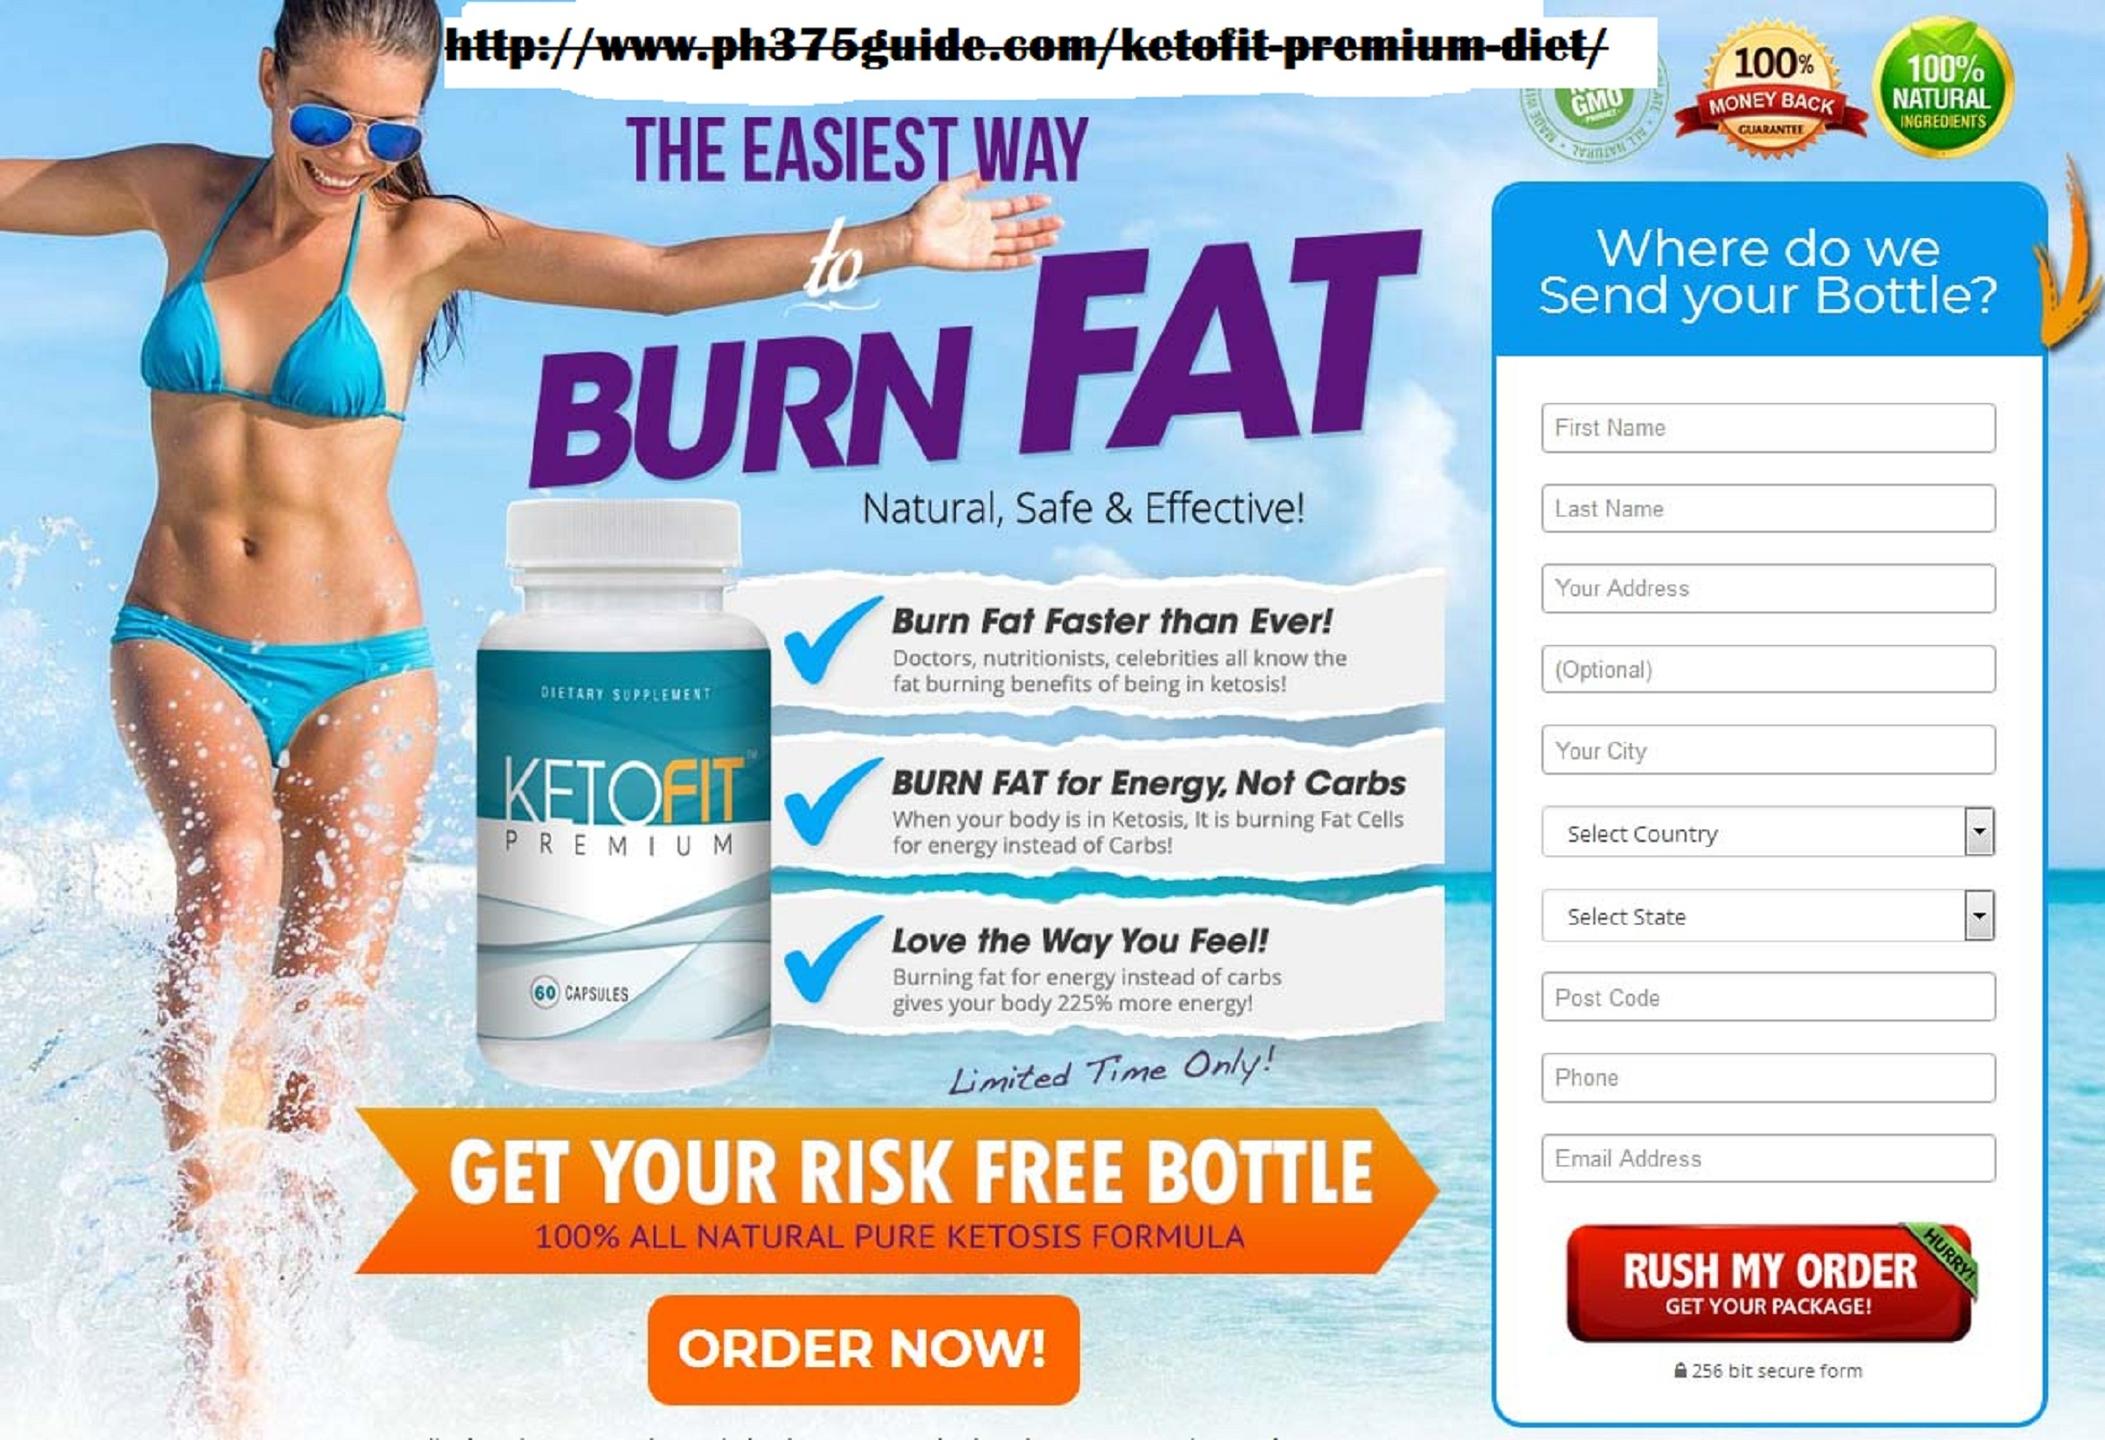 KetoFit Premium Diet (@leljloams) Cover Image